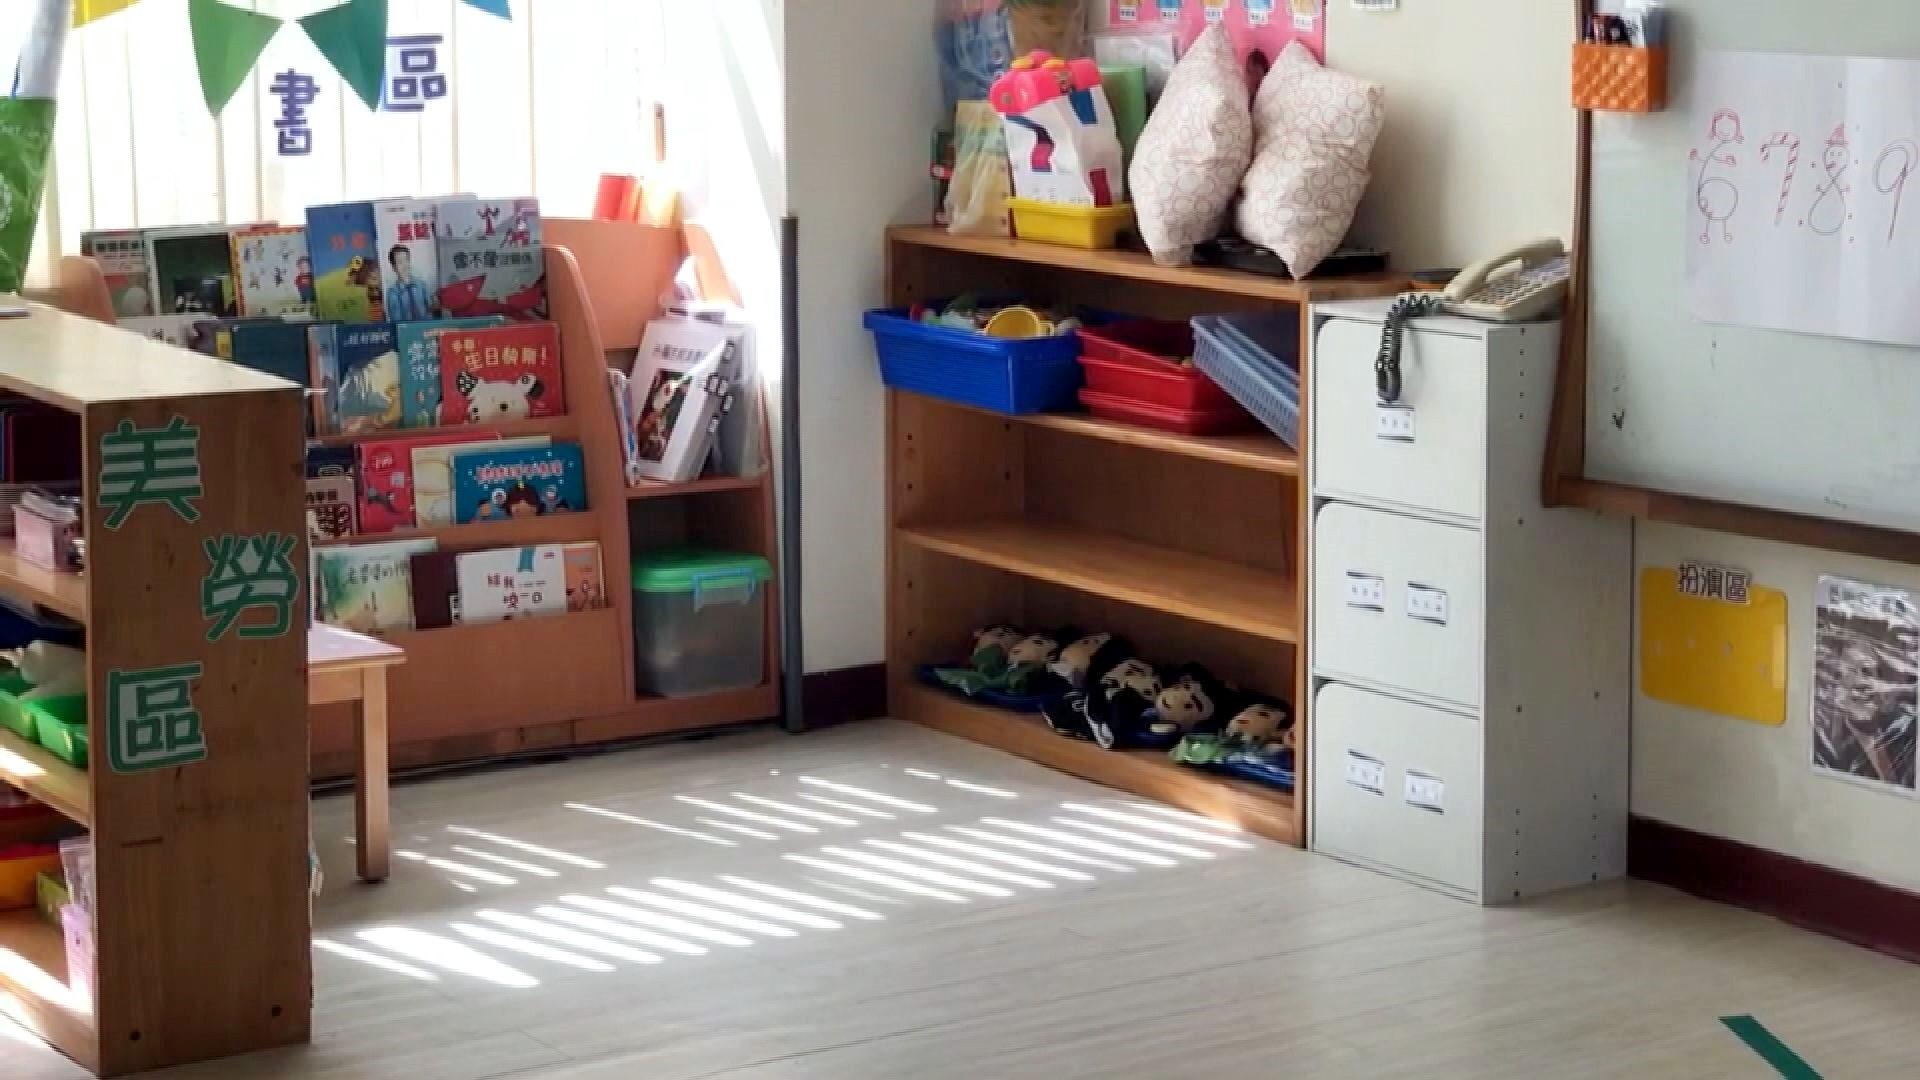 Ngày 27/7 Tân Bắc sẽ dỡ bỏ phong tỏa, khôi phục dịch vụ giữ trẻ